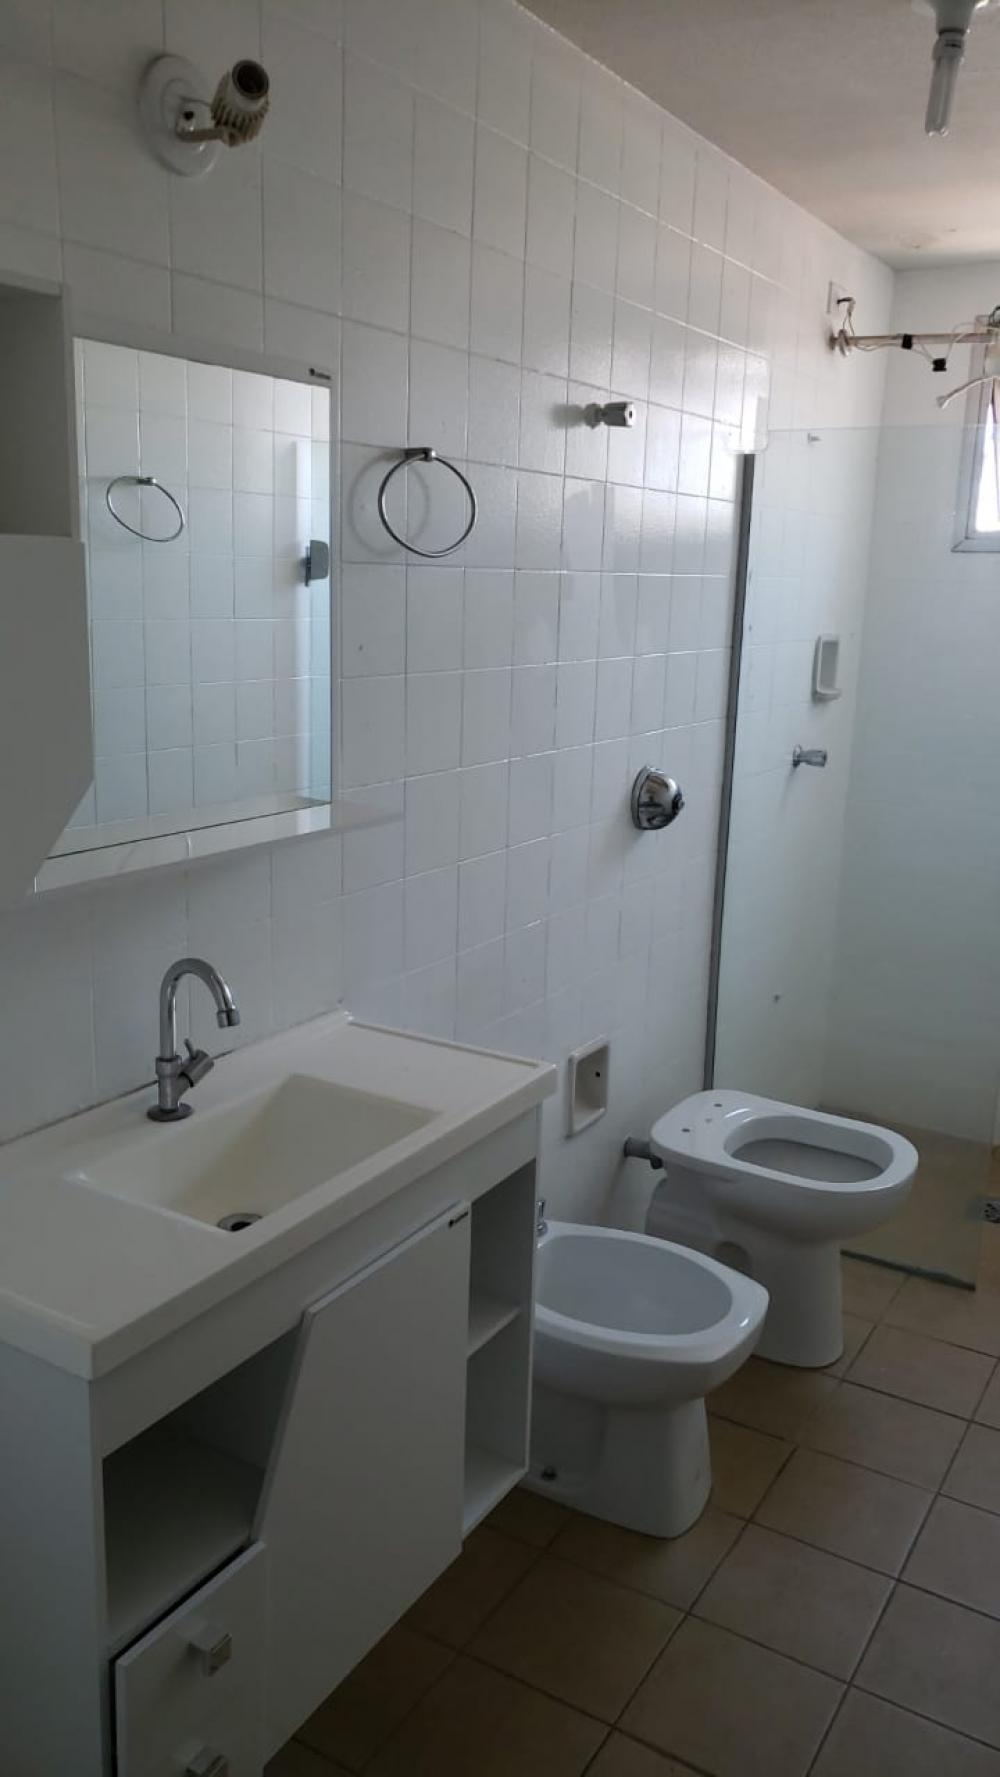 Comprar Apartamento / Padrão em São José do Rio Preto apenas R$ 290.000,00 - Foto 7